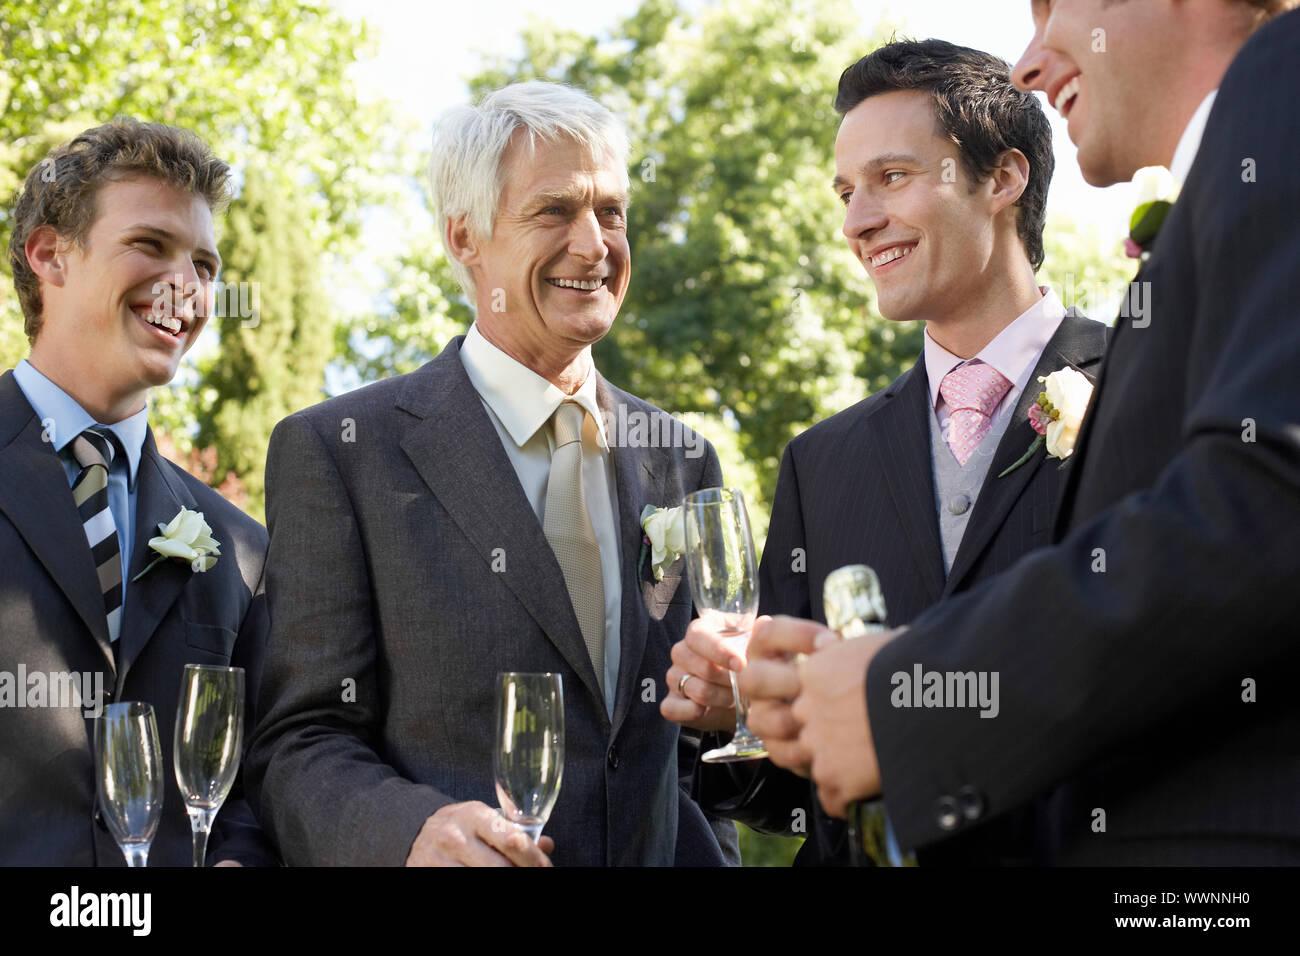 Brautpaar mit Trauzeugen und Vater Stockfoto